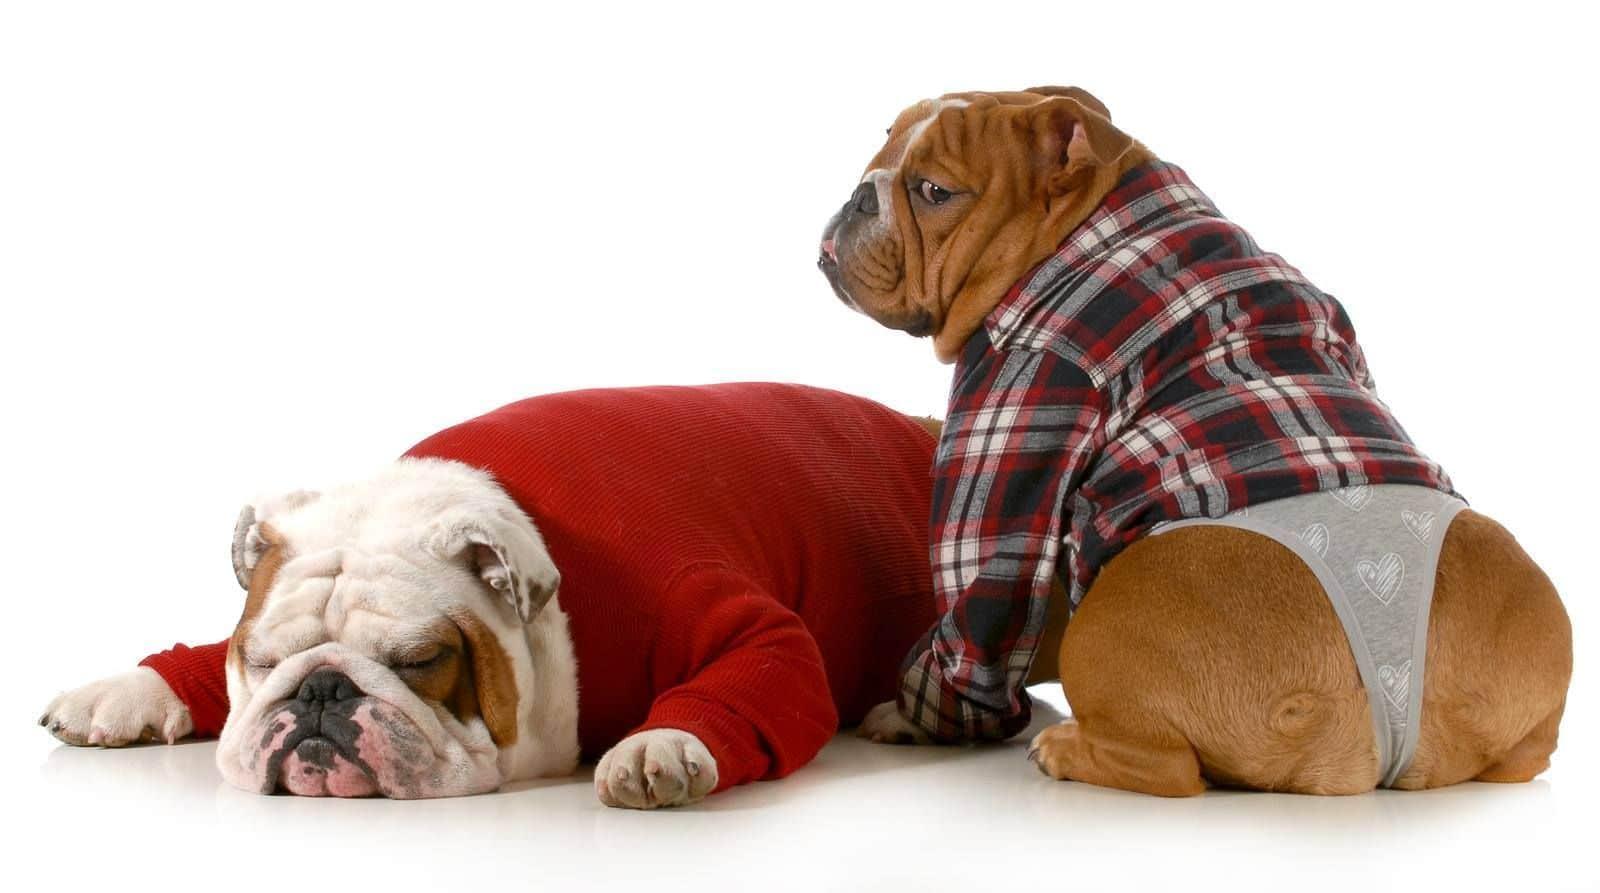 собаки в рубашках и трусах